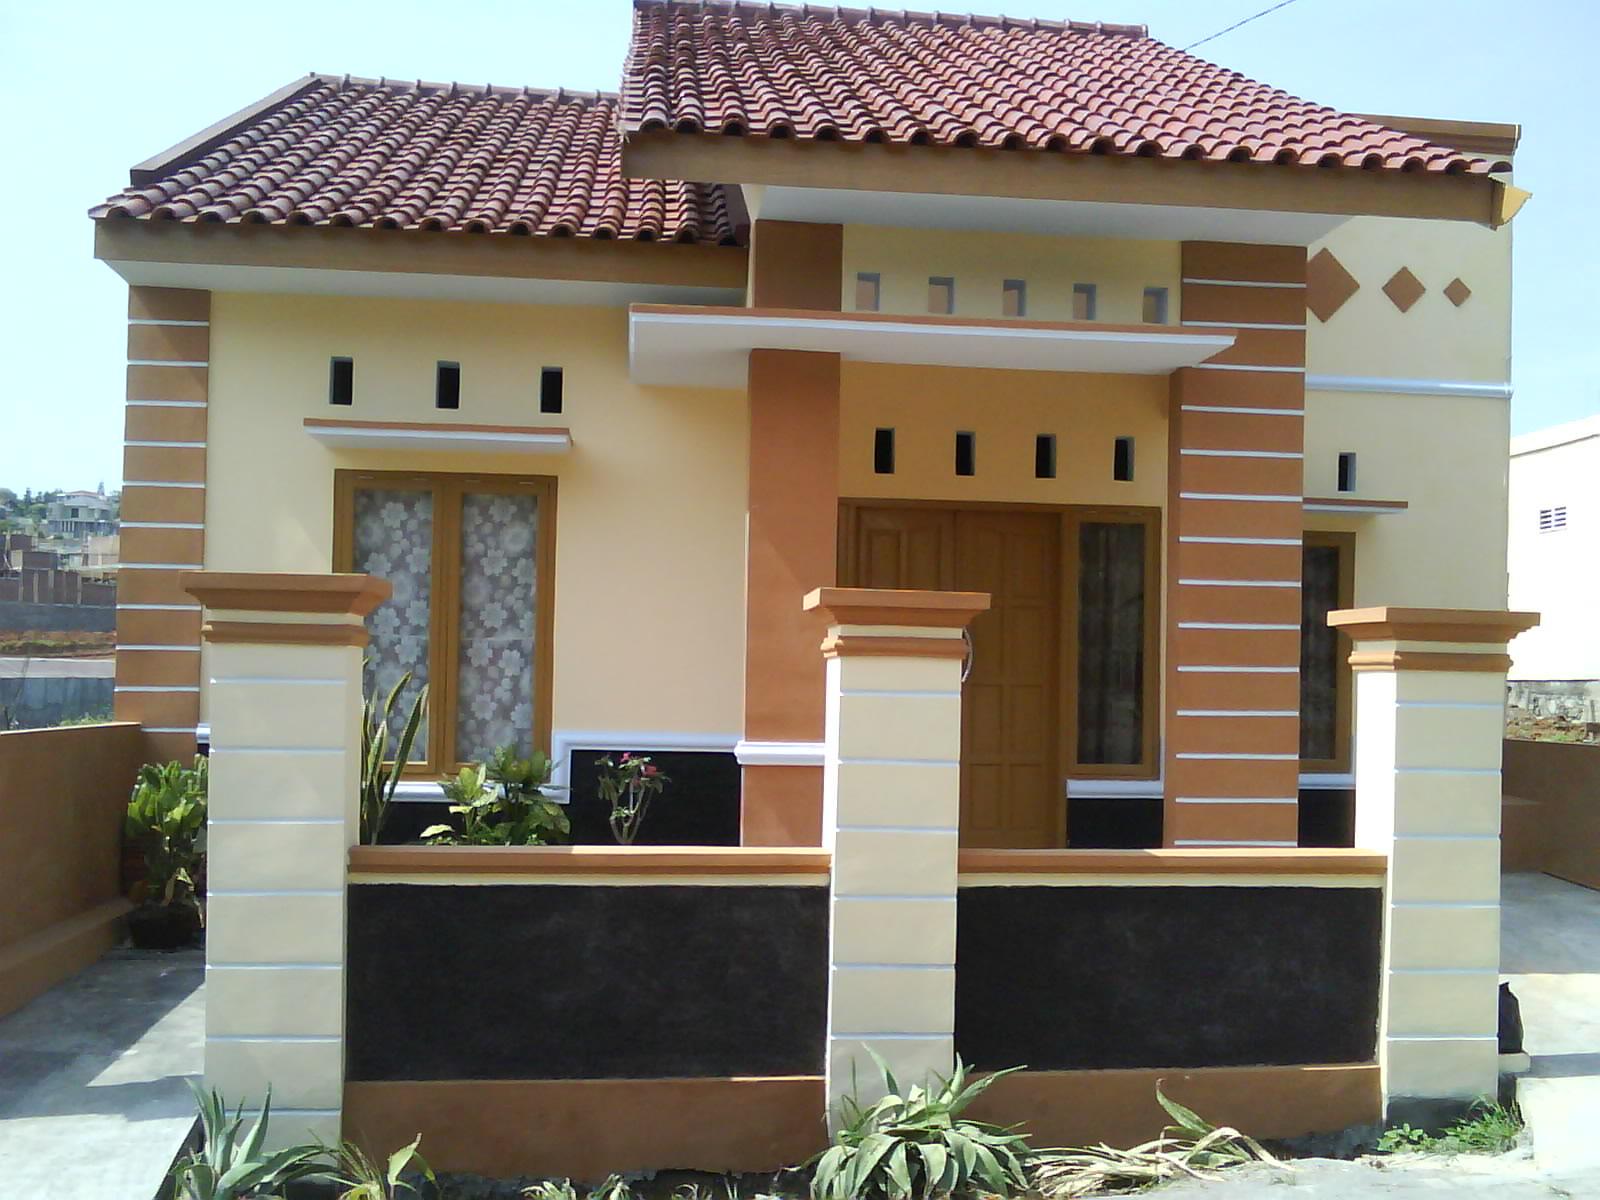 Desain Rumah Minimalis Leter L Kumpulan Desain Rumah